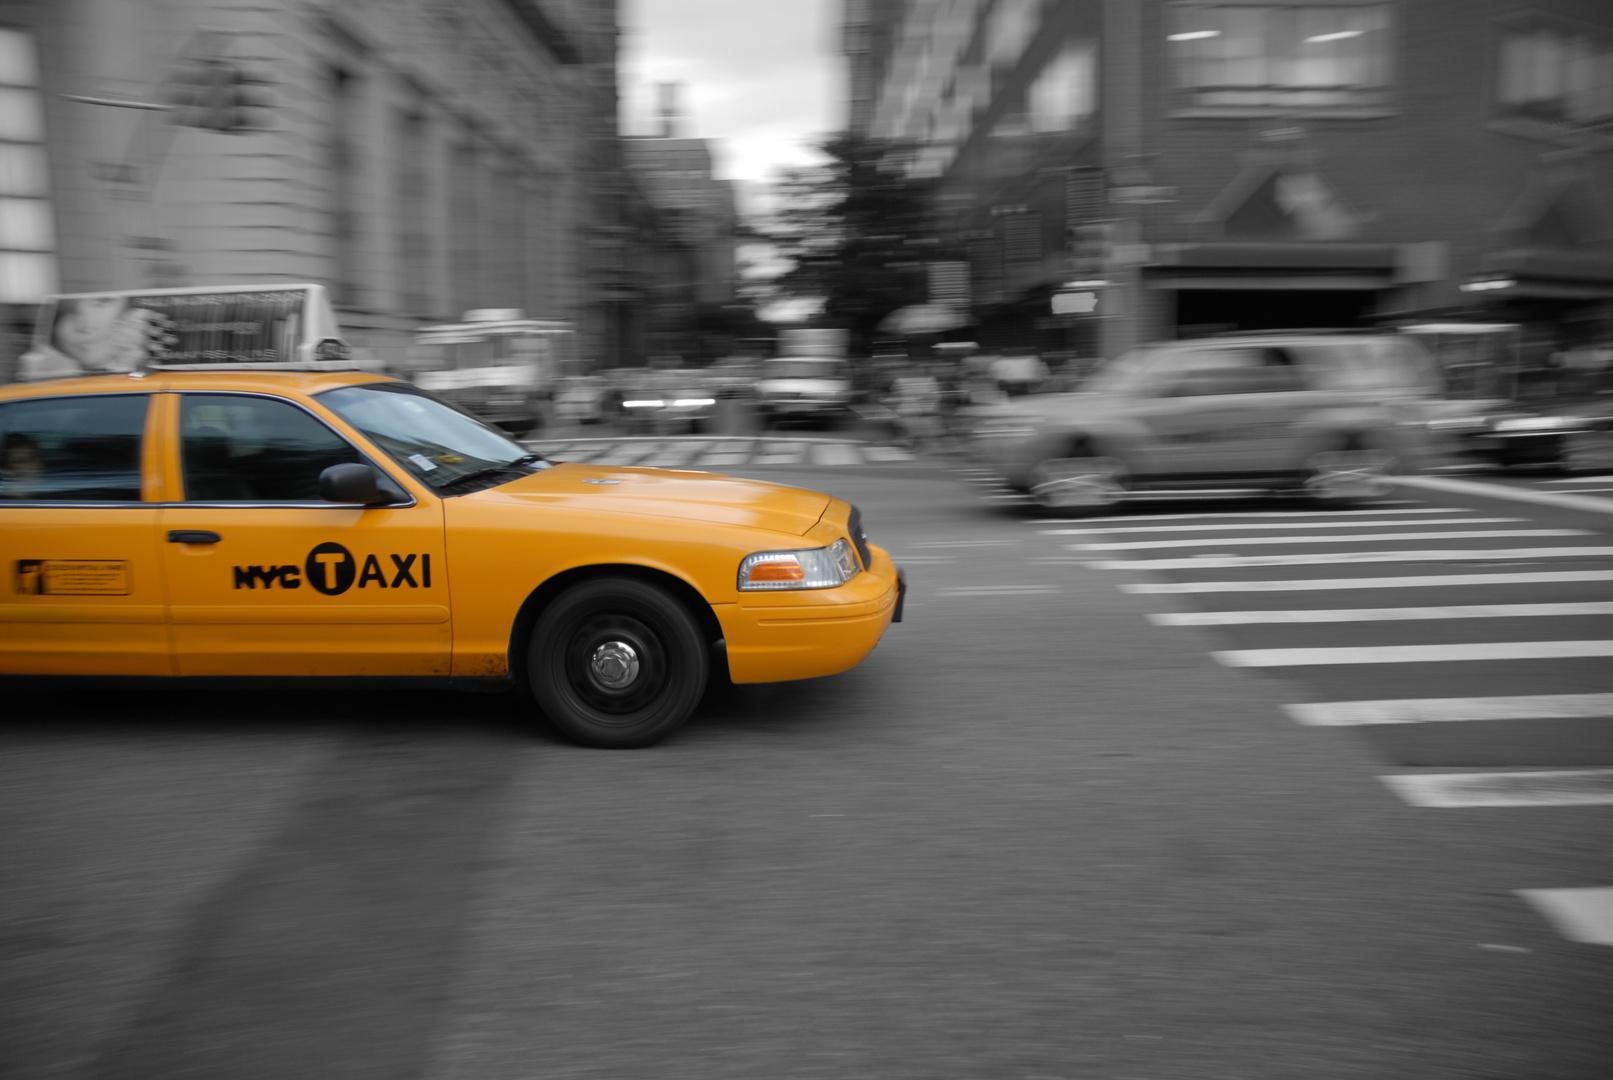 yellow N.Y.C.